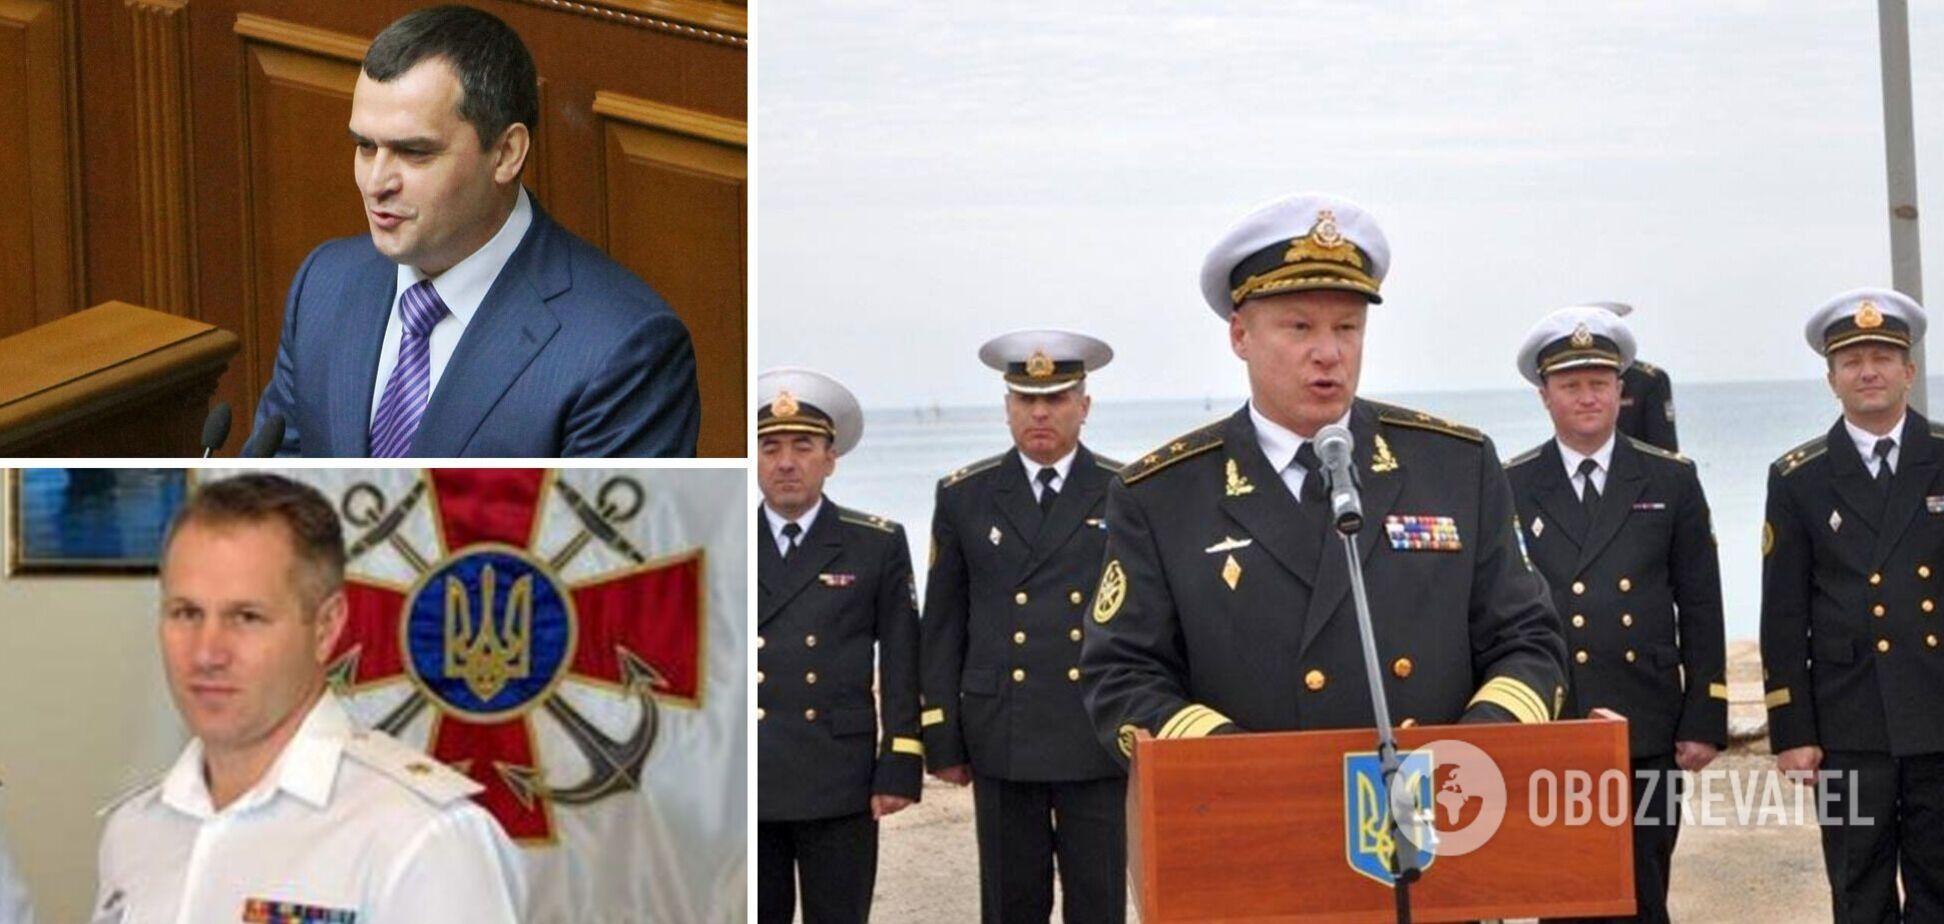 Предатели Украины Виталий Захарченко, Дмитрий Шакуро и Сергей Елисеев